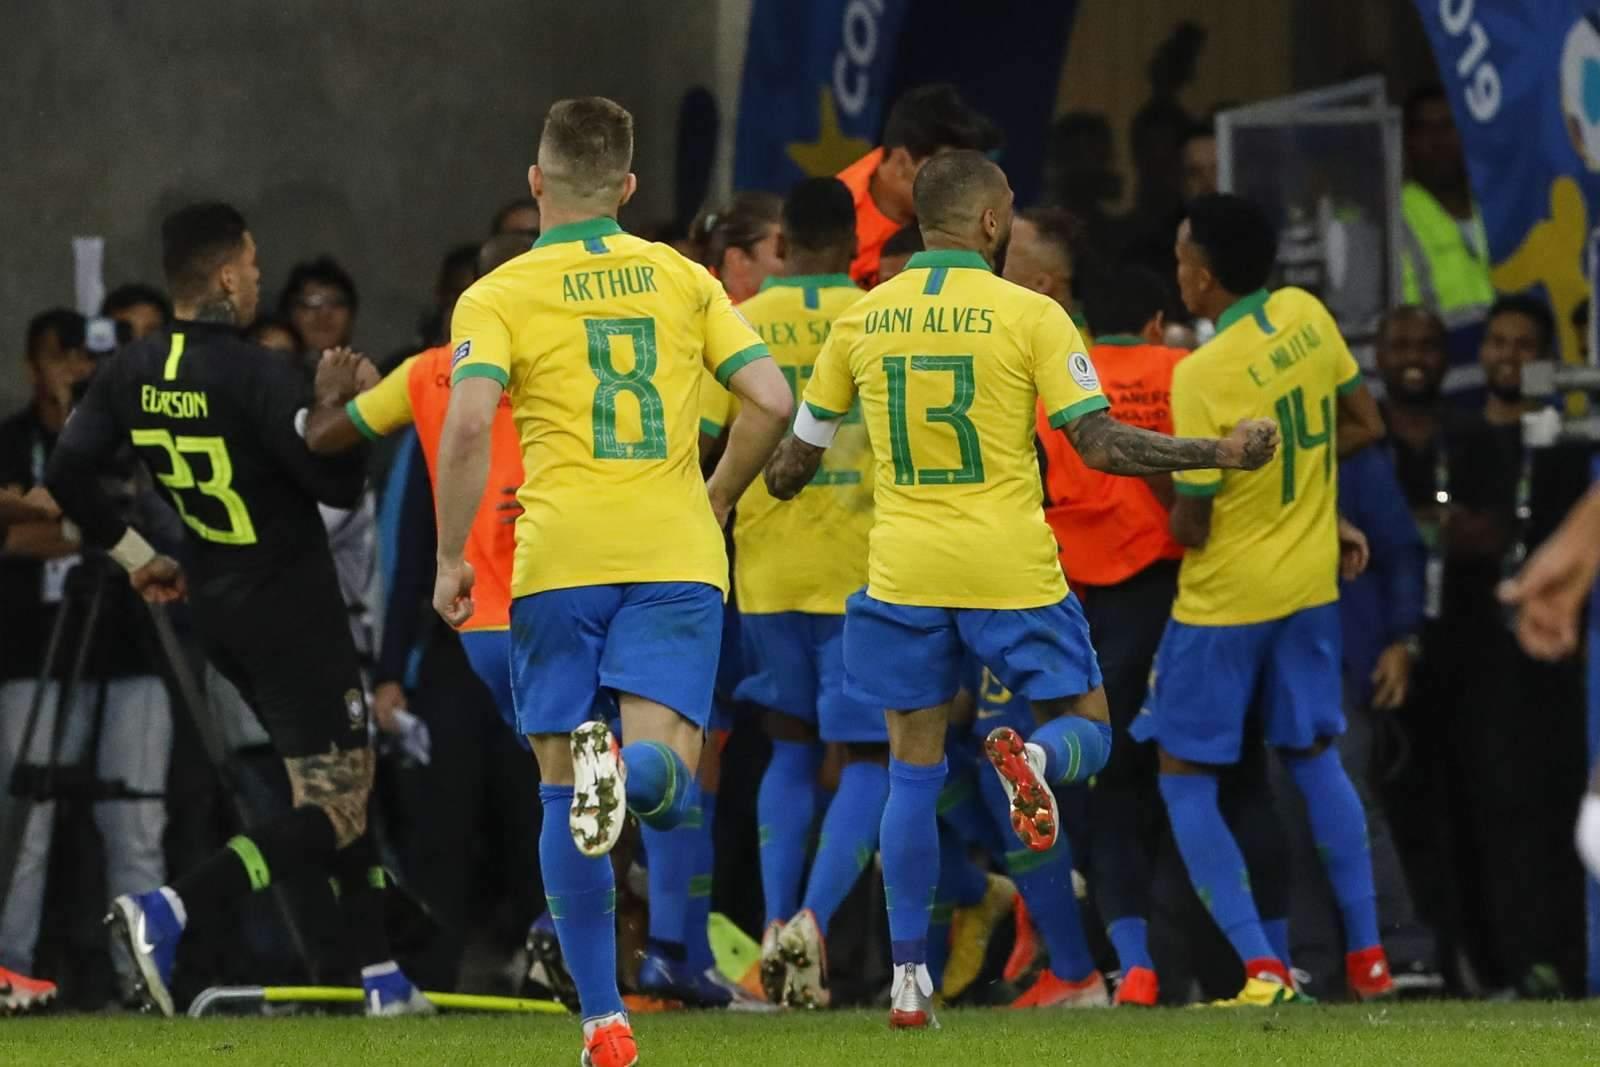 Бразилия – Эквадор: прогноз на матч Кубка Америки – 28 июня 2021